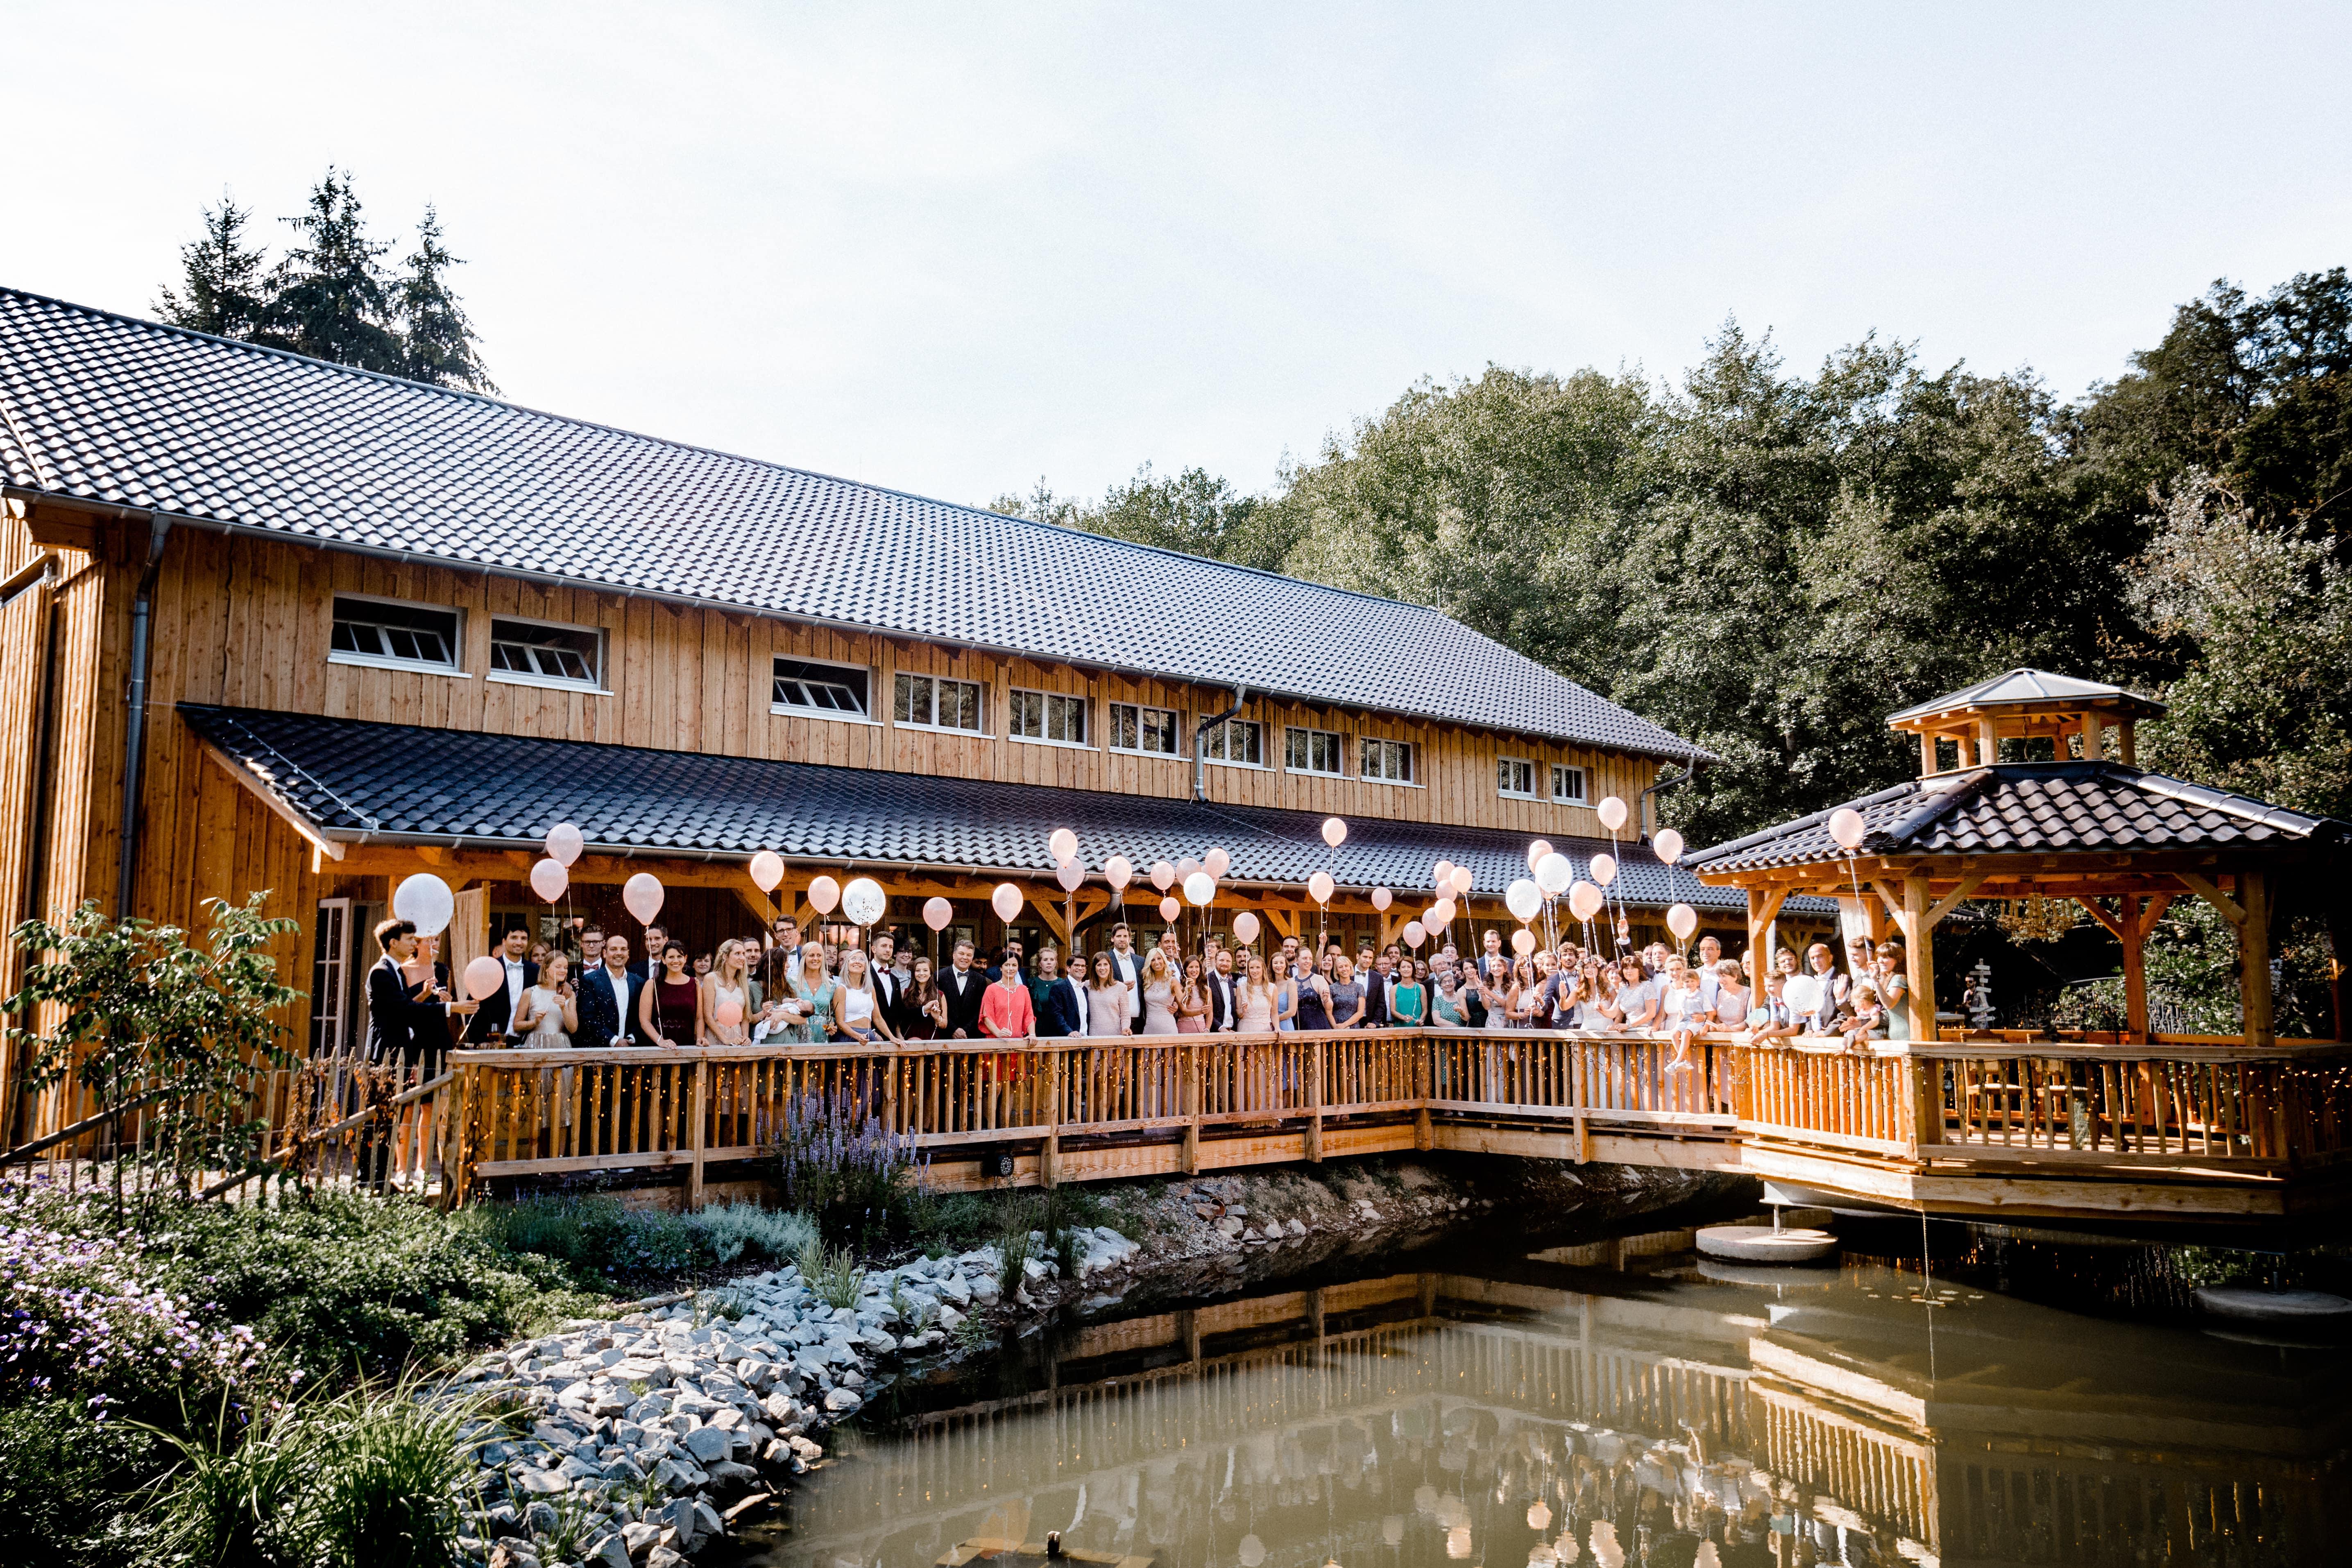 Hochzeitslocation Scheune Rossana Paul Hochzeit 5 – gesehen bei frauimmer-herrewig.de